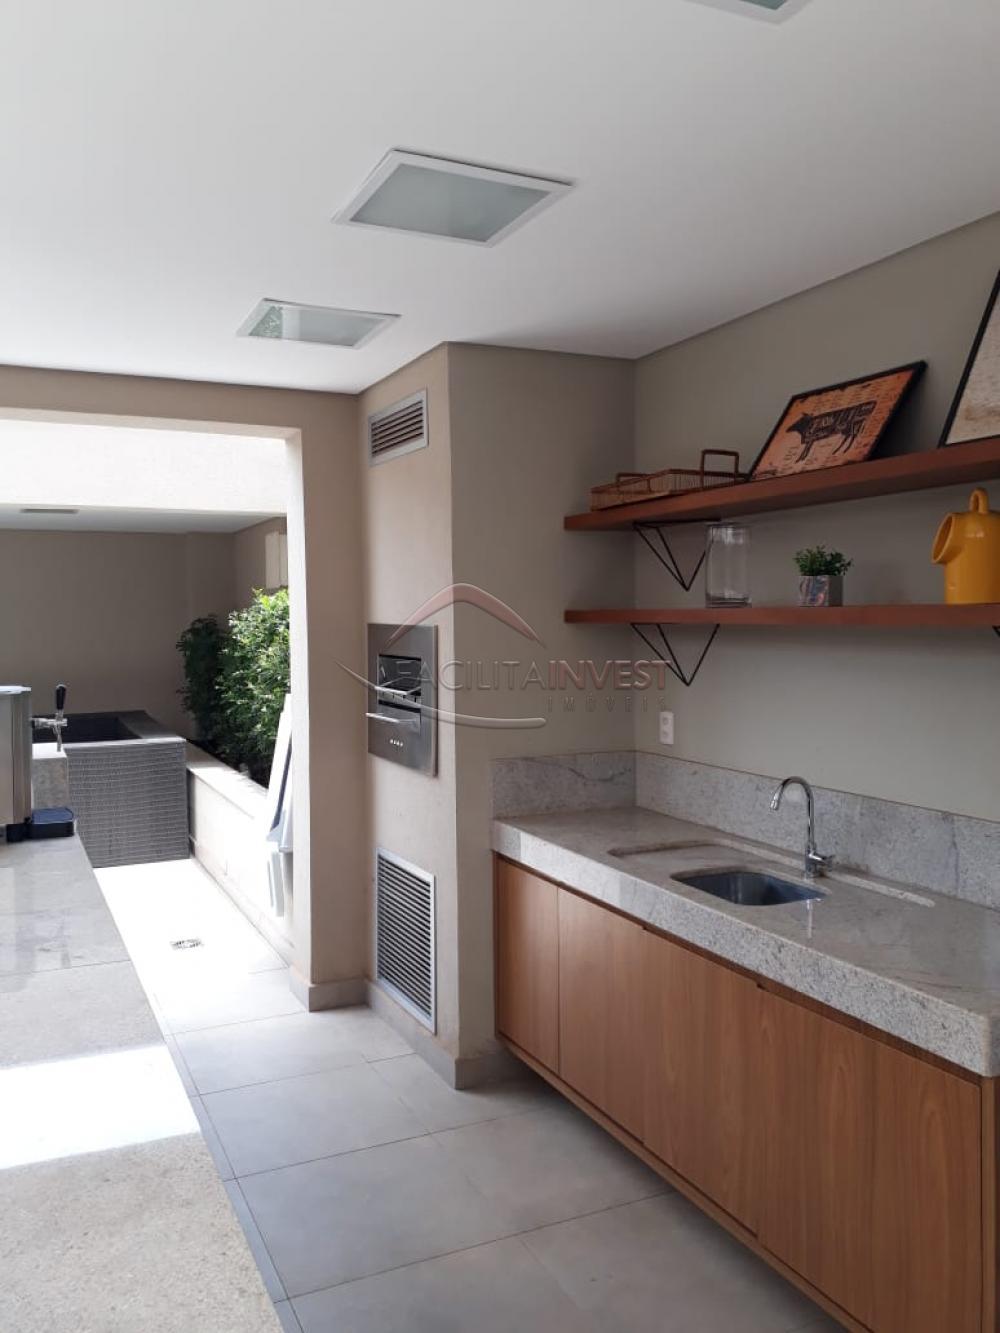 Alugar Apartamentos / Apartamento Mobiliado em Ribeirão Preto apenas R$ 1.600,00 - Foto 6